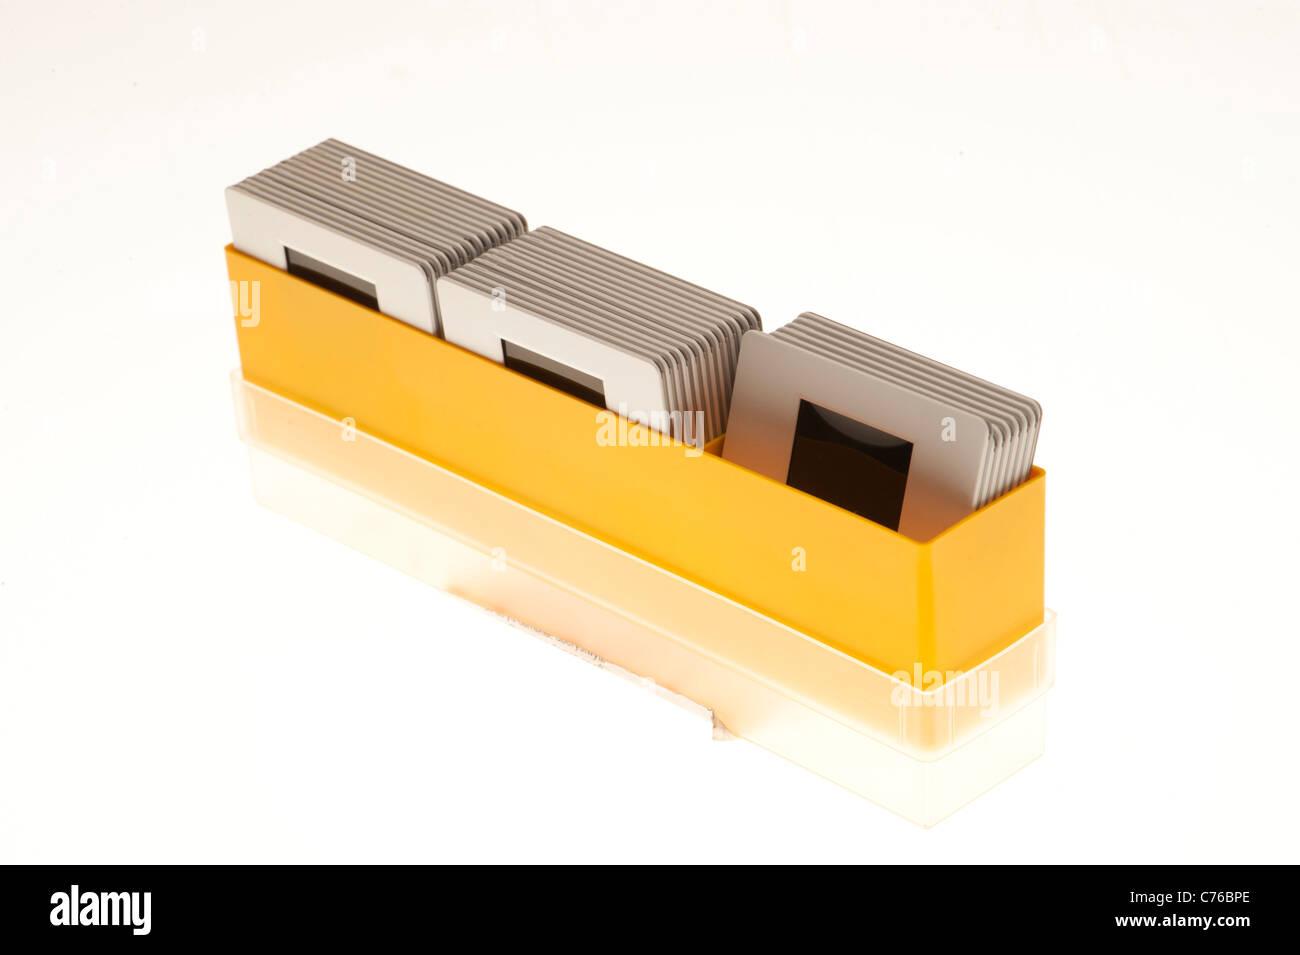 eine Schachtel mit 35mm Film Farbe Folien, E6 Prozess, gerahmte Dias ...